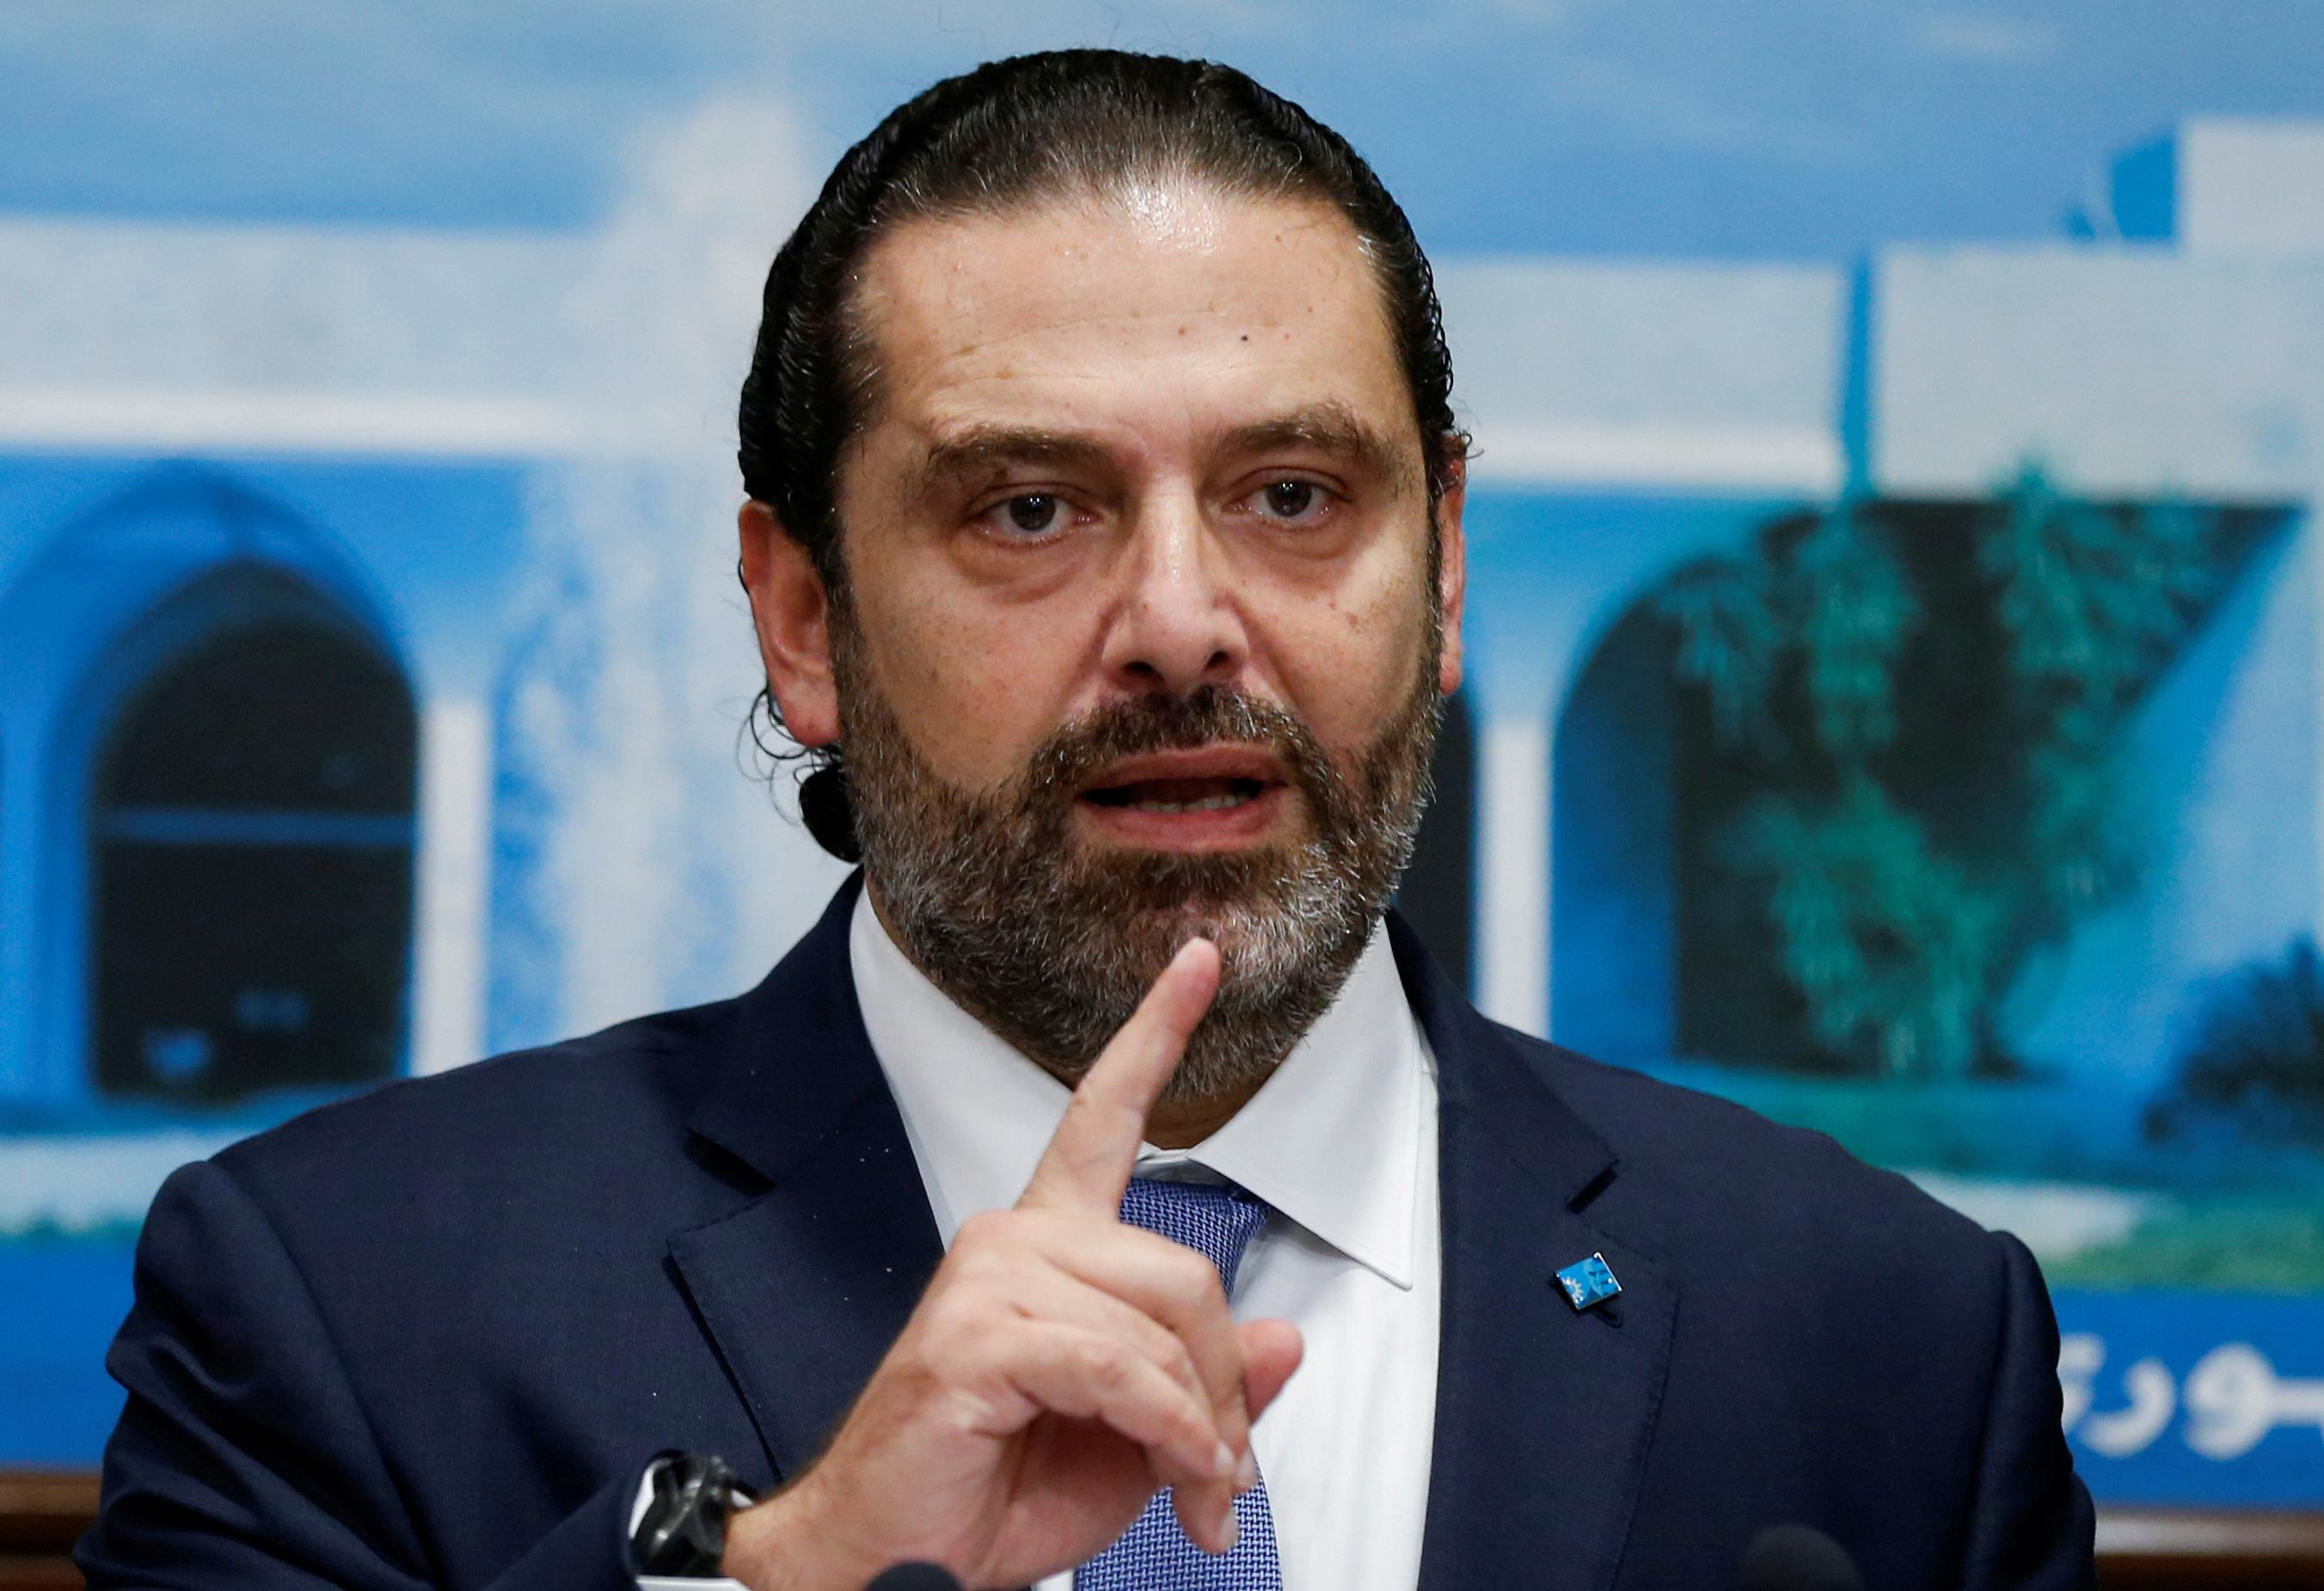 Saad Hariri (en photo) est disposé à rester Premier ministre à condition que le futur gouvernement comprenne des technocrates capables de mettre rapidement en oeuvre les réformes économiques jugées indispensables au relèvement du Liban, a déclaré mercredi une source proche du dossier. /Photo prise le 21 octobre 2019/REUTERS/Mohamed Azakir